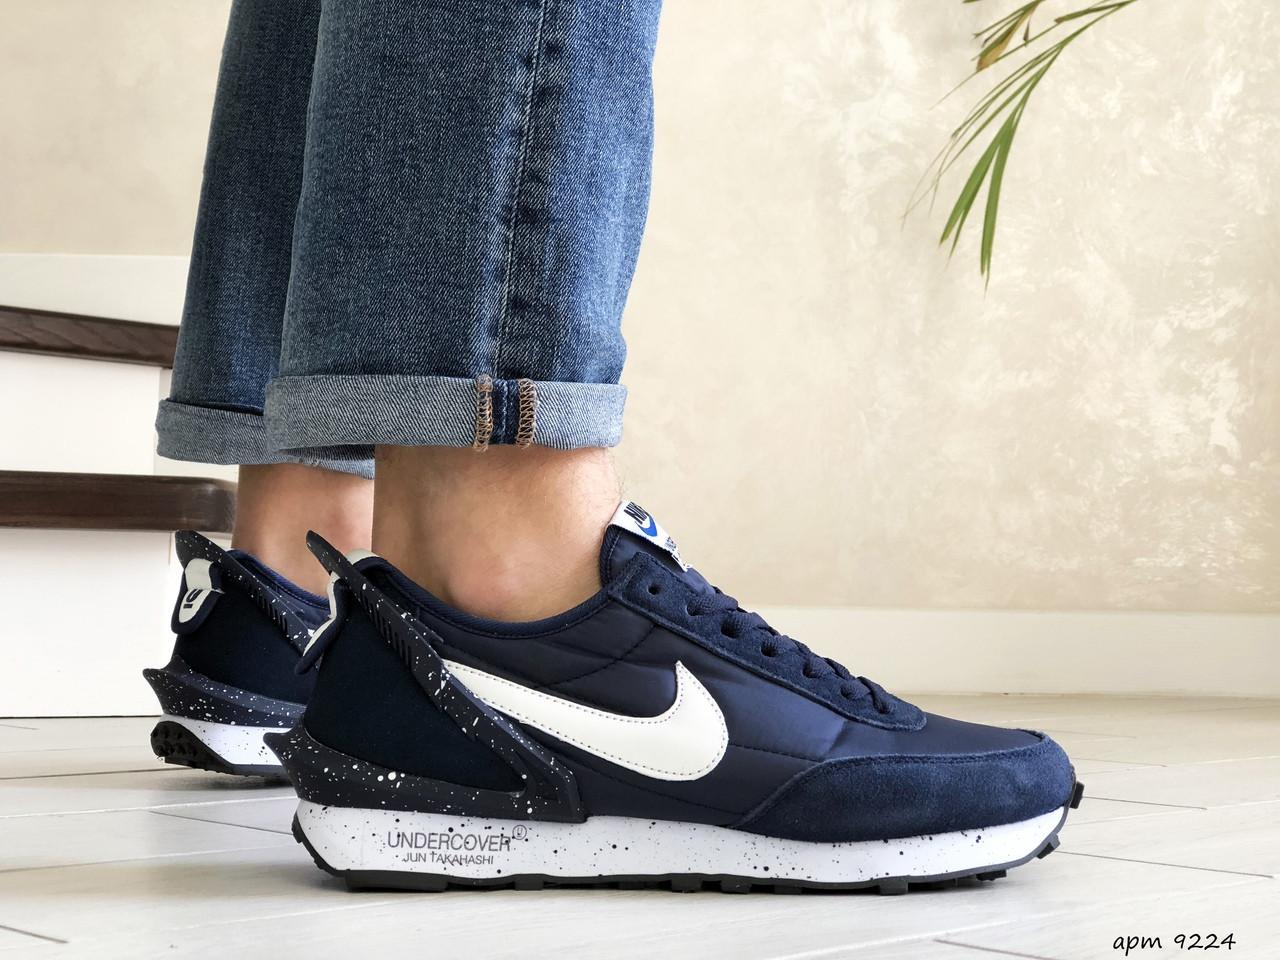 Мужские кроссовки Nike Undercover Jun Takahashi,темно синие с белым